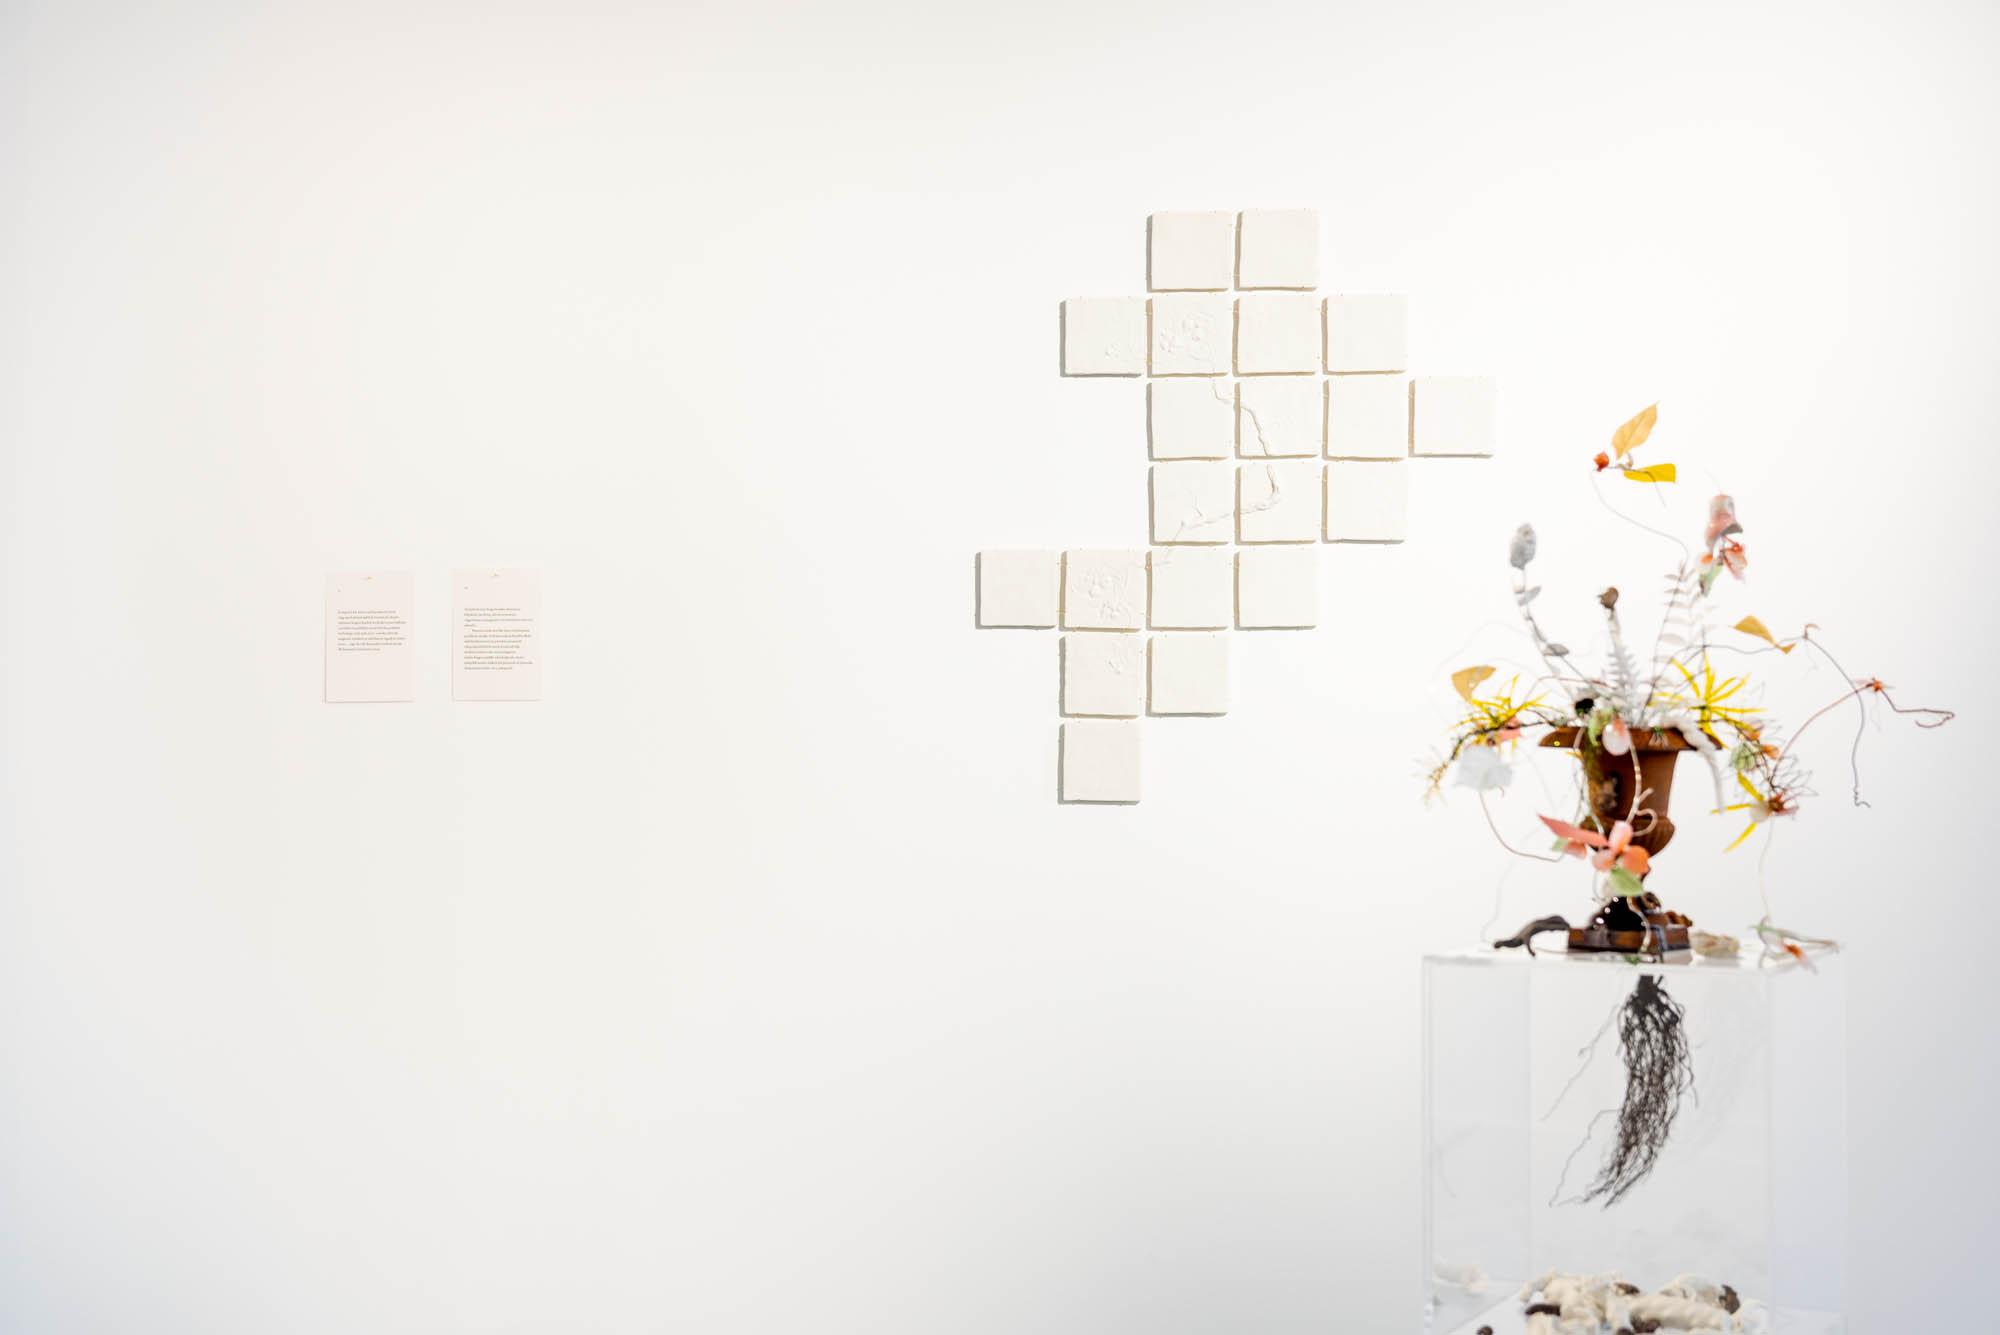 Exhibition view: Eike Eplik